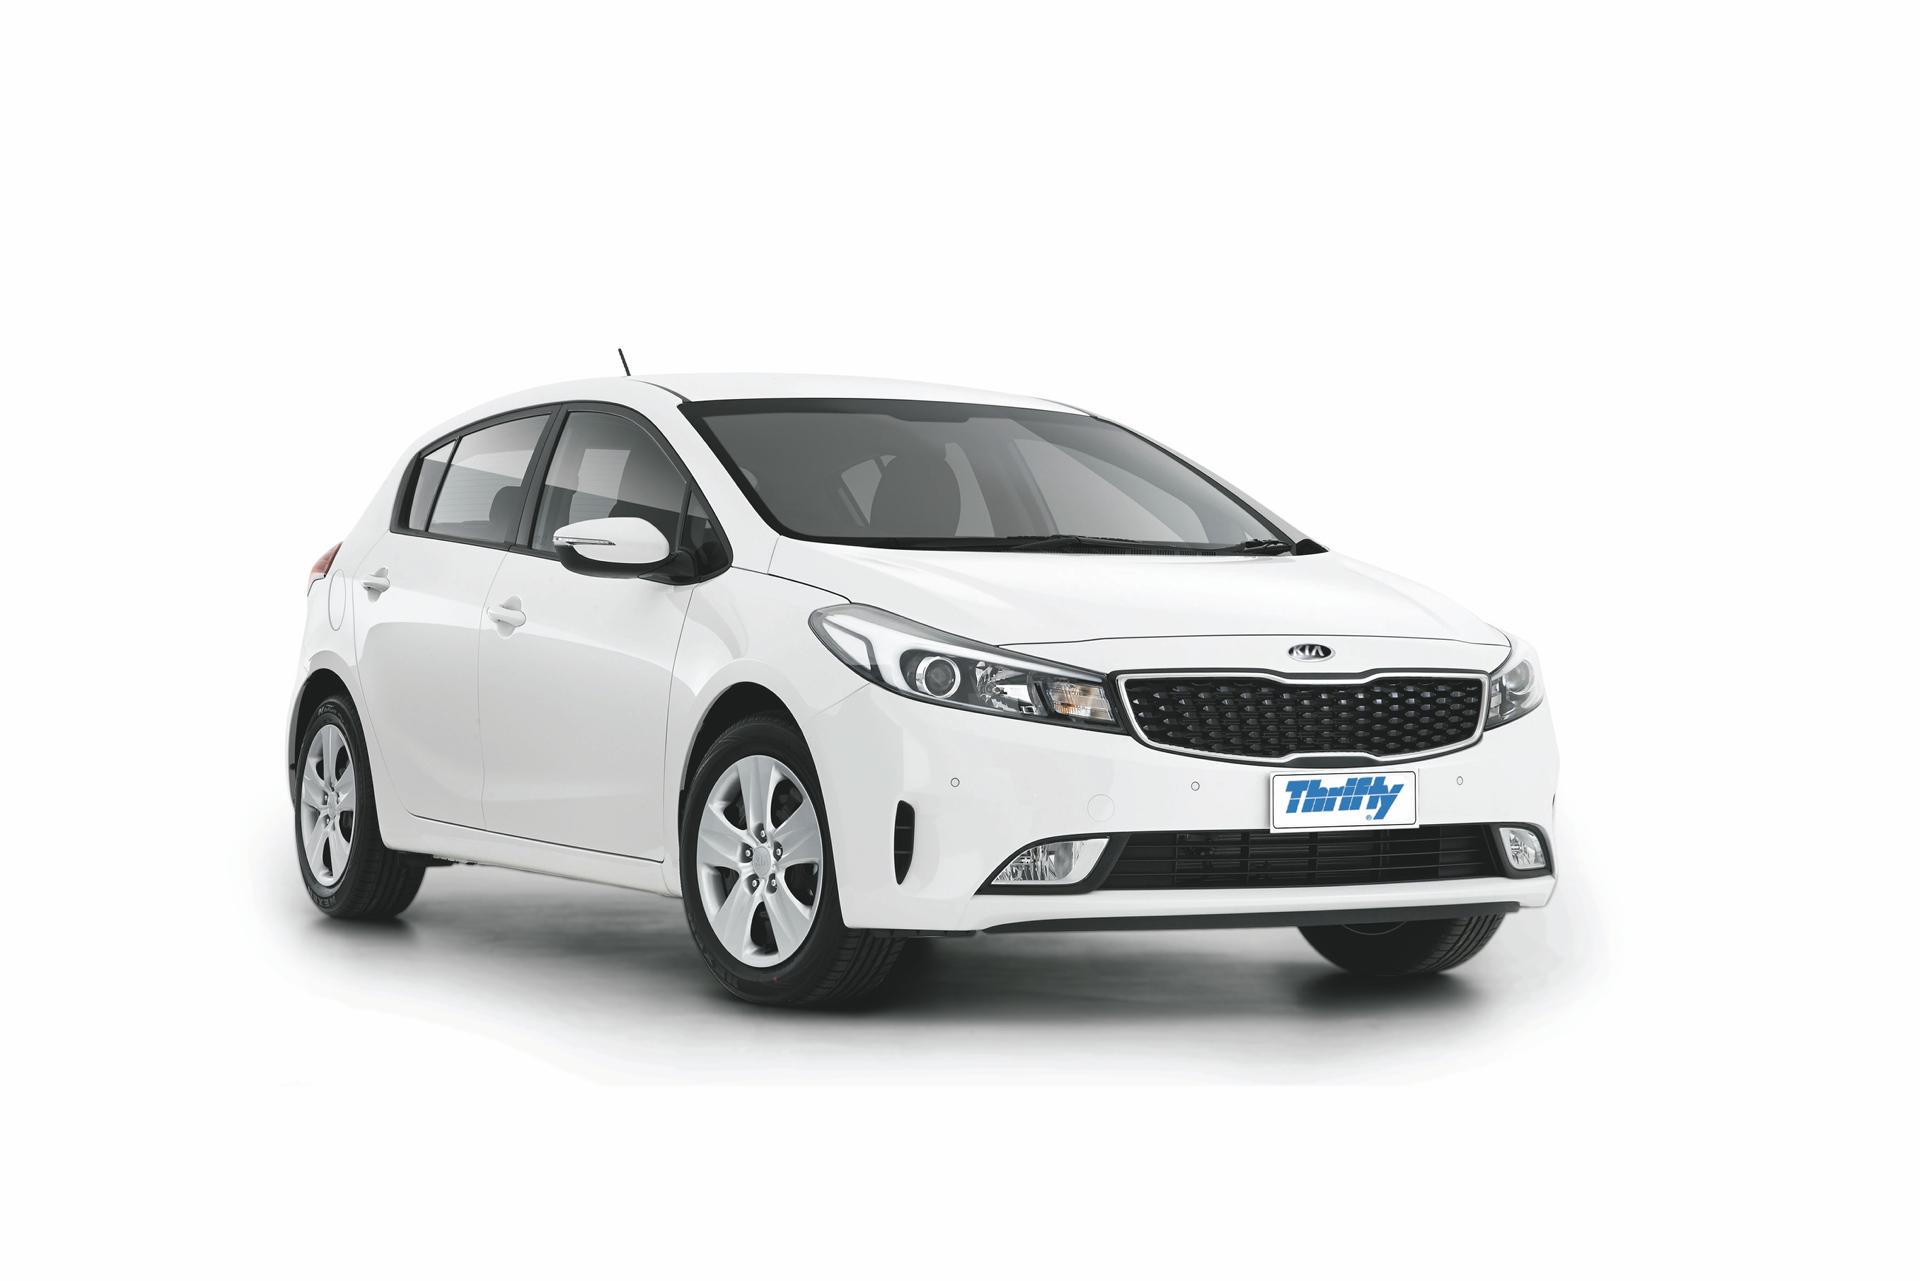 Gruppe CCAR (Compact Car): Kia Sorato o.ä.